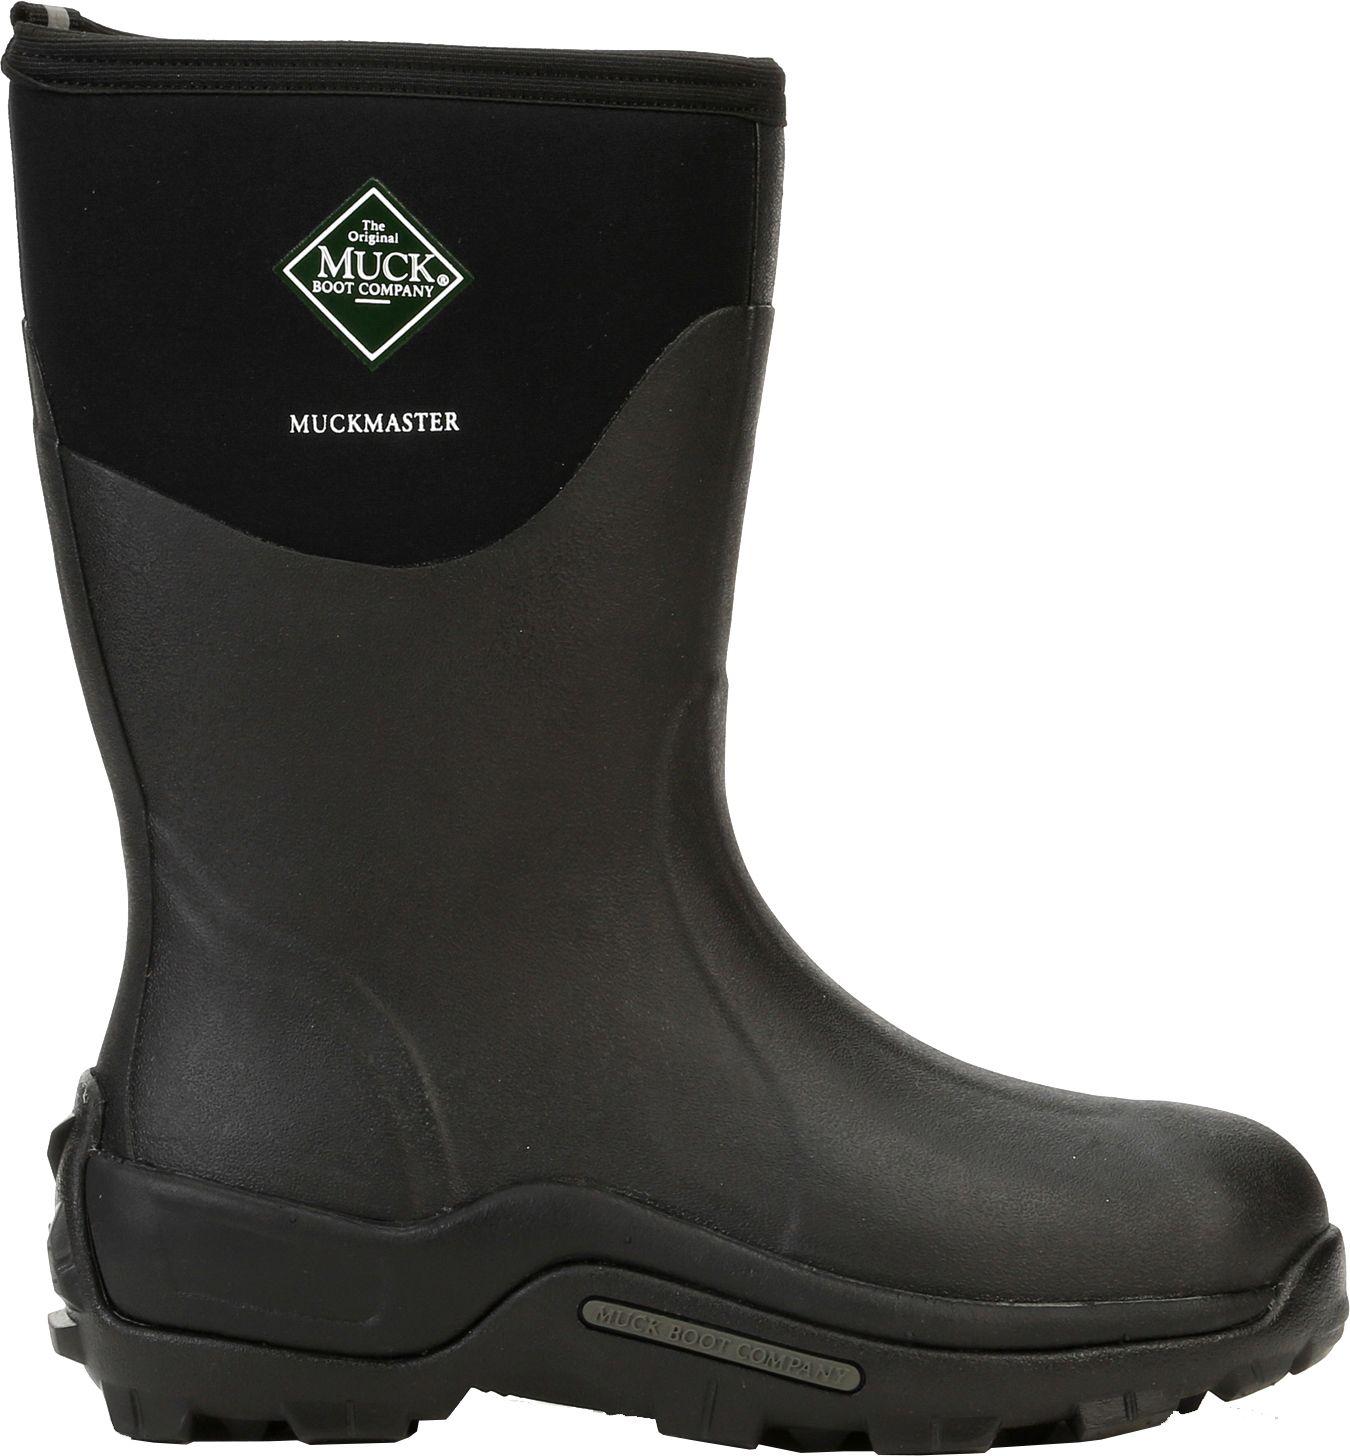 Muck Boot Men's Muckmaster Mid Waterproof Work Boots| DICK'S ...